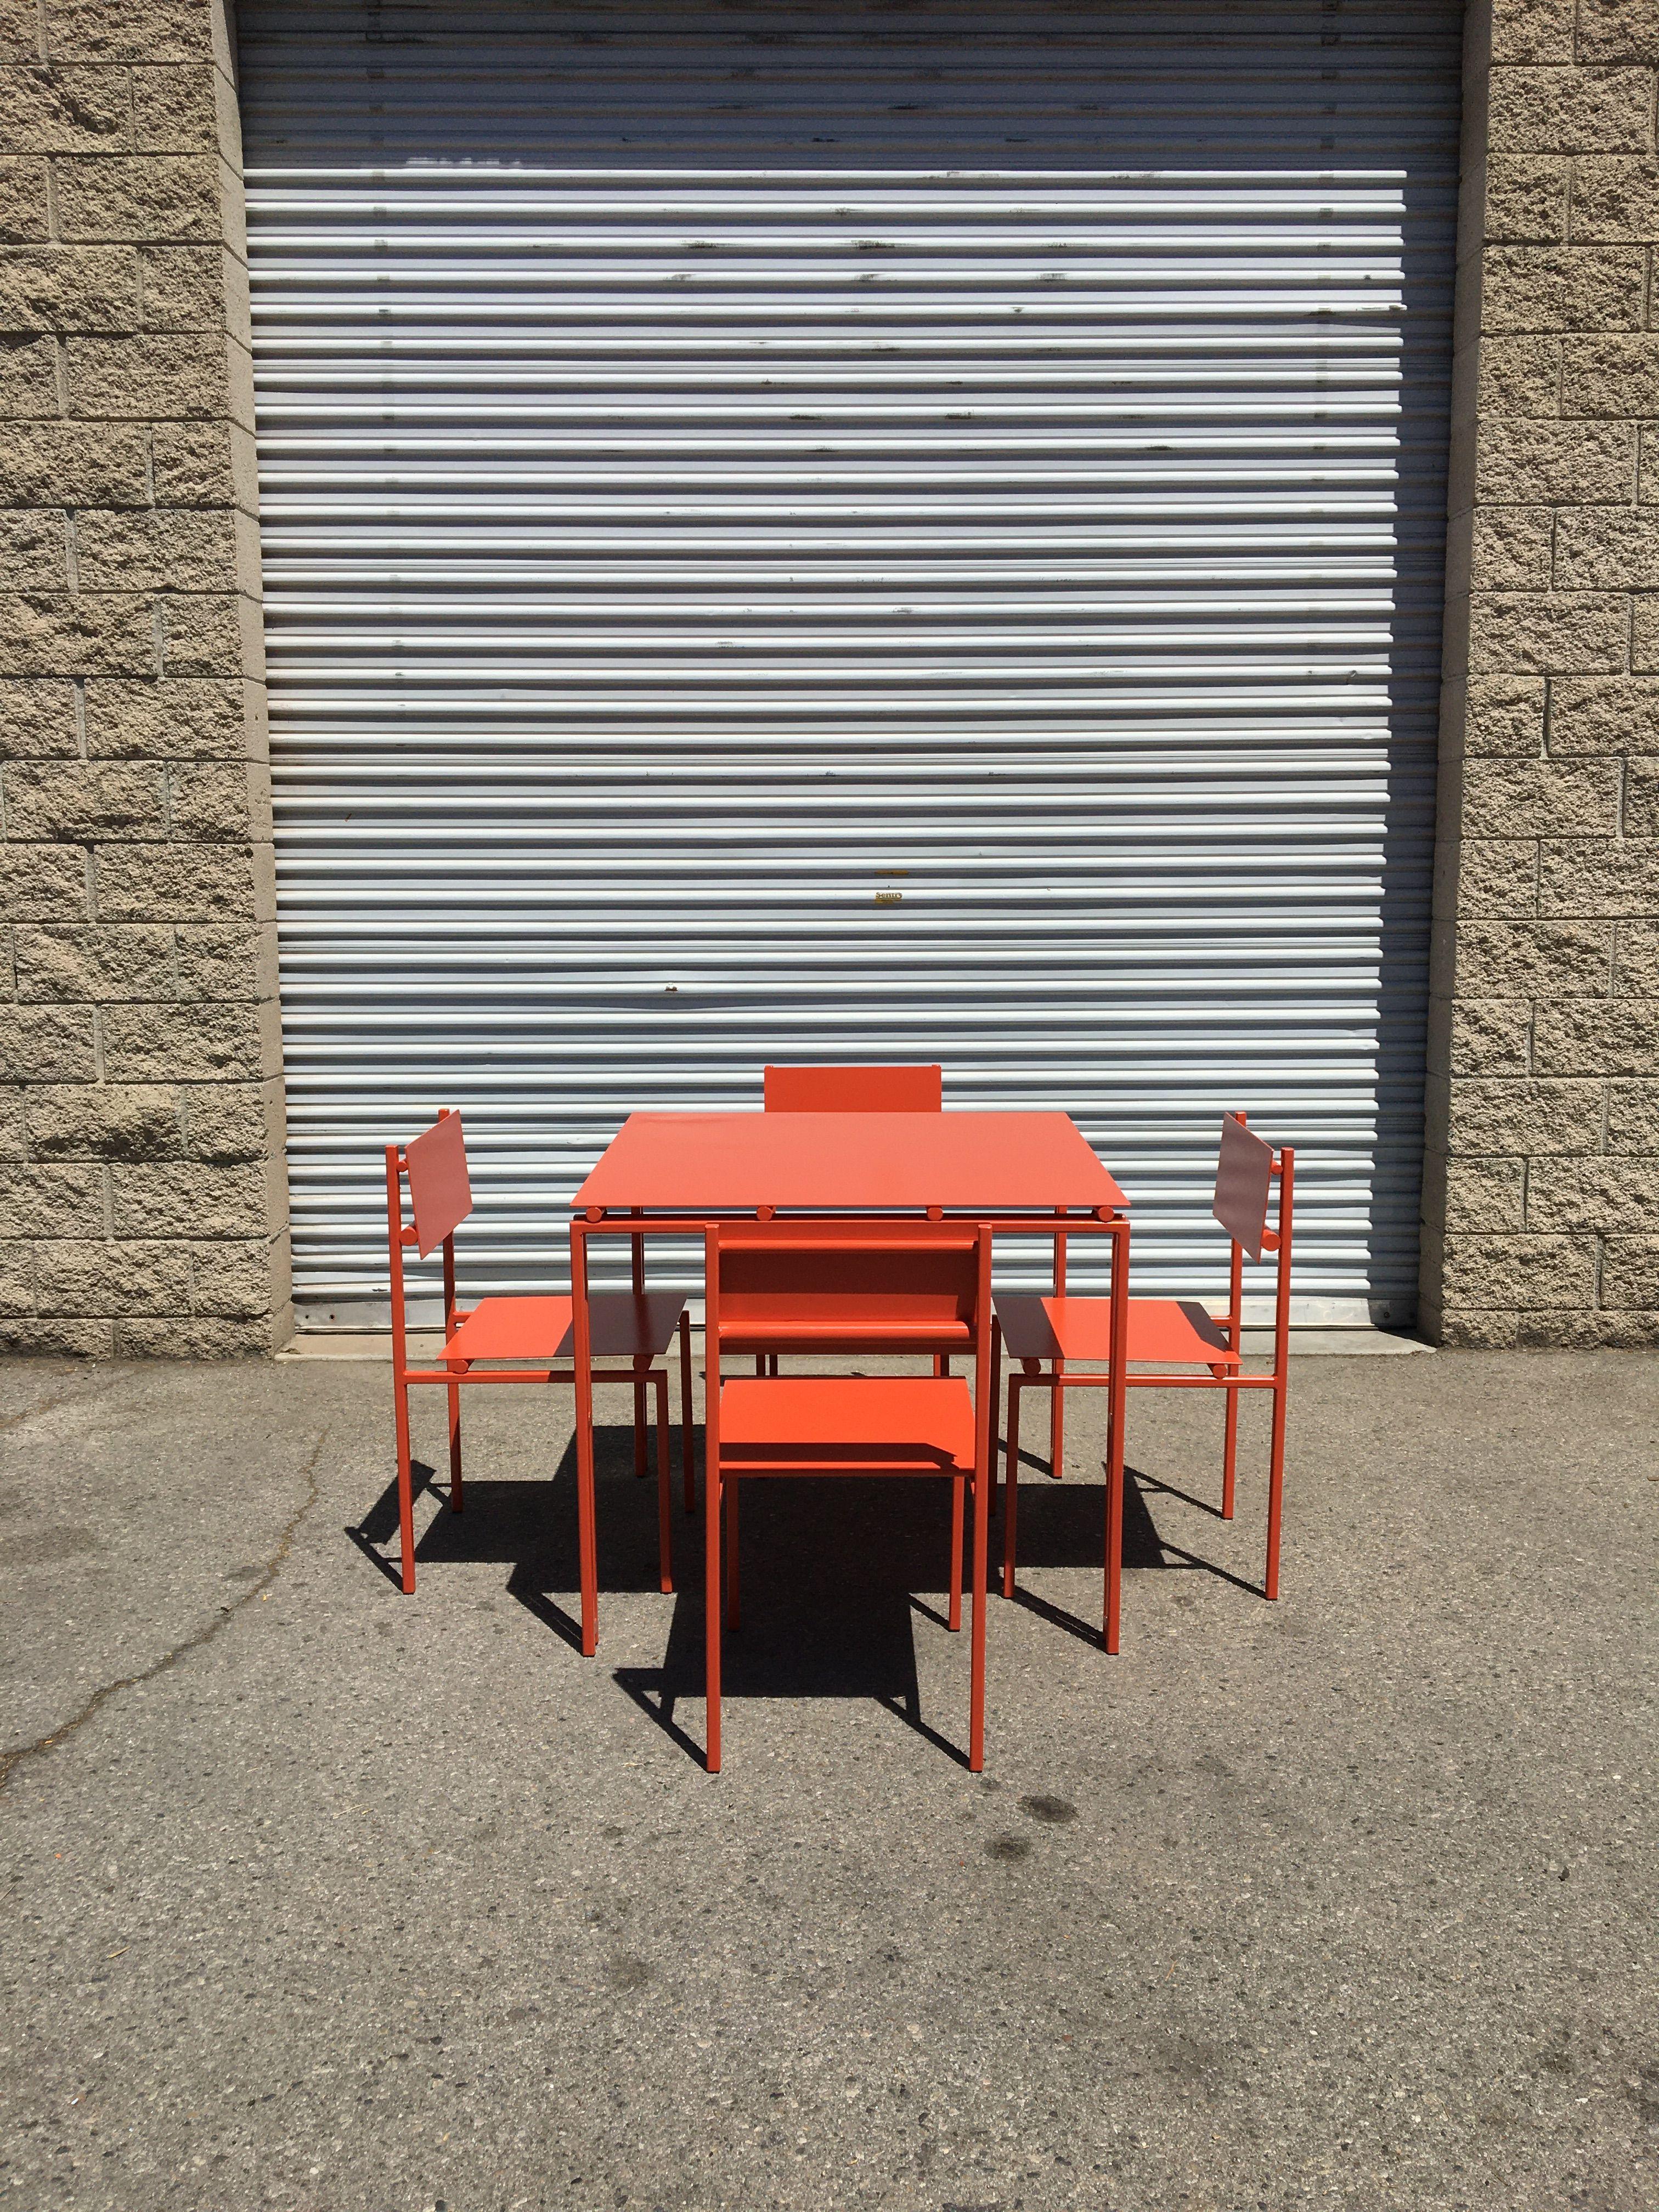 Suspension Metal Set - SIZED LA product image 0